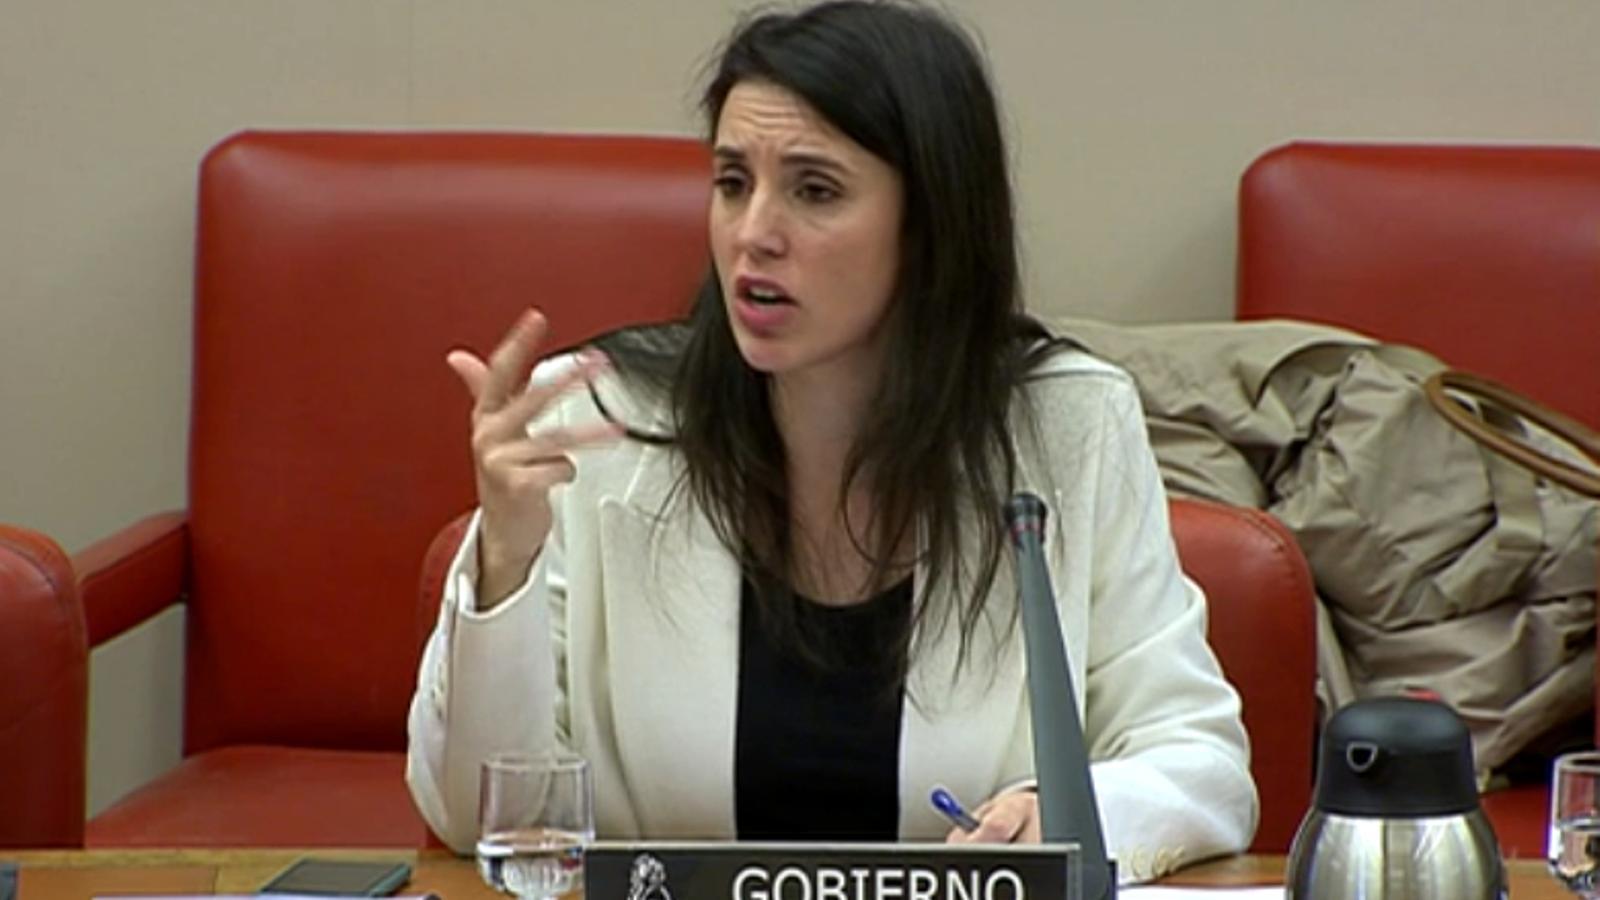 La ministra d'Igulatat, Irene Montero, durant la compareixença a la comissió d'Igualtat del Congrés.